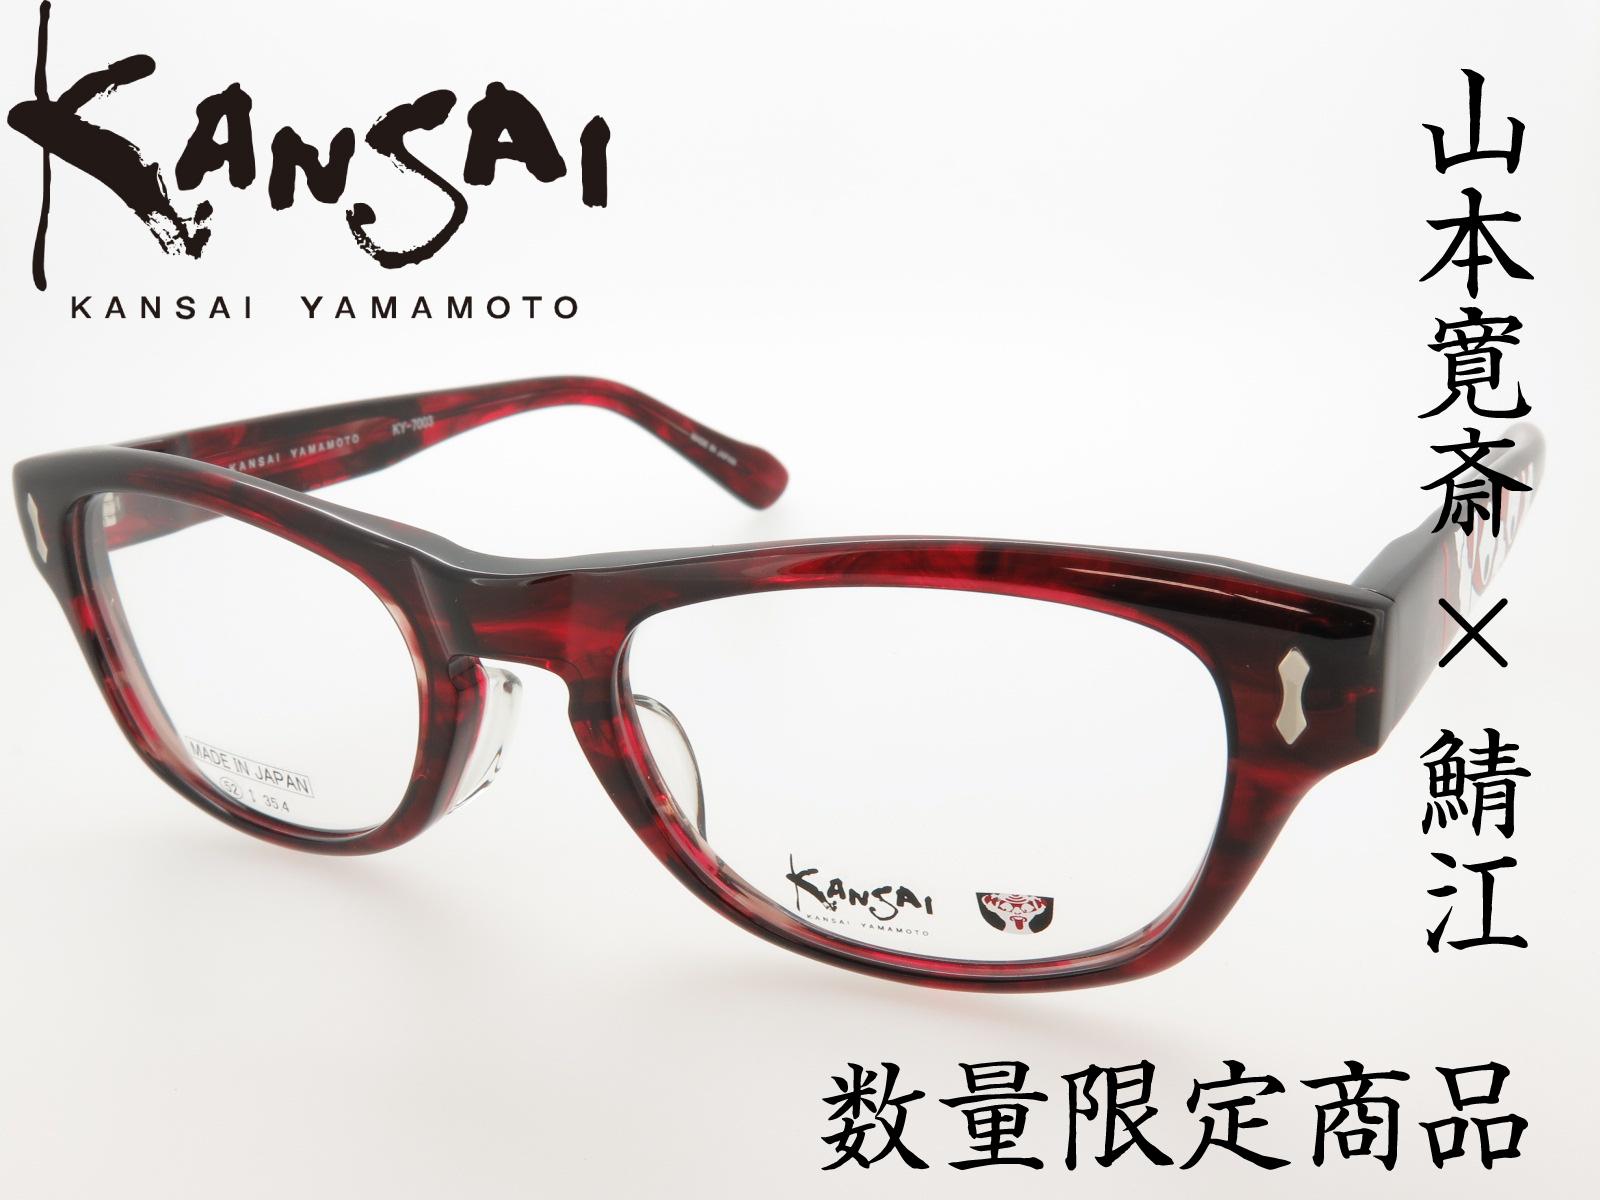 山本寛斎×鯖江 KANSAI YAMAMOTO 数量限定モデル 凧絵 KY7003 Col.4